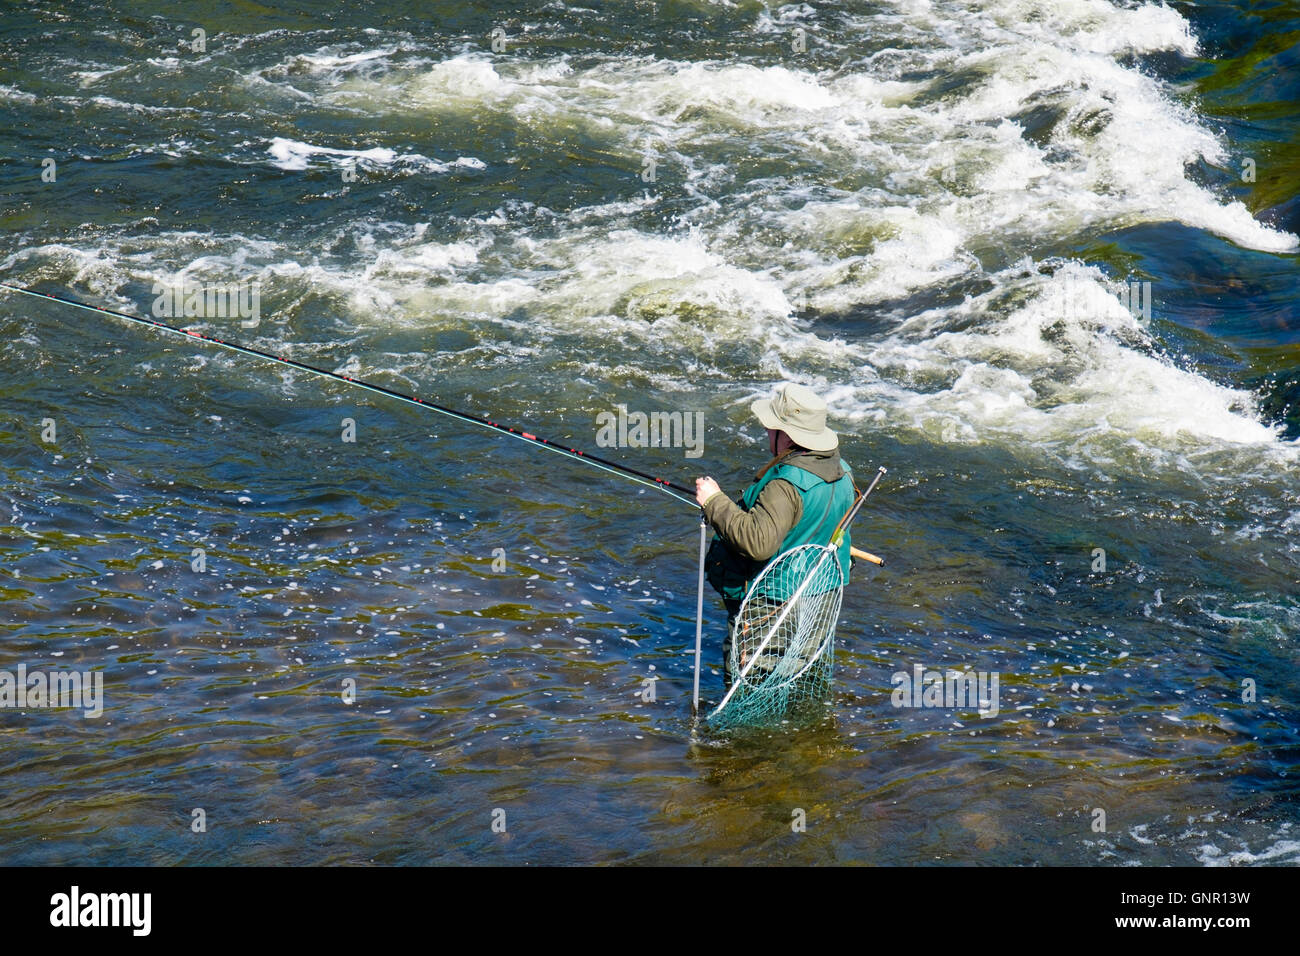 Il pescatore in piedi in acqua al di sotto di uno stramazzo di Pesca a Mosca Report di Pesca al salmone nel fiume Immagini Stock